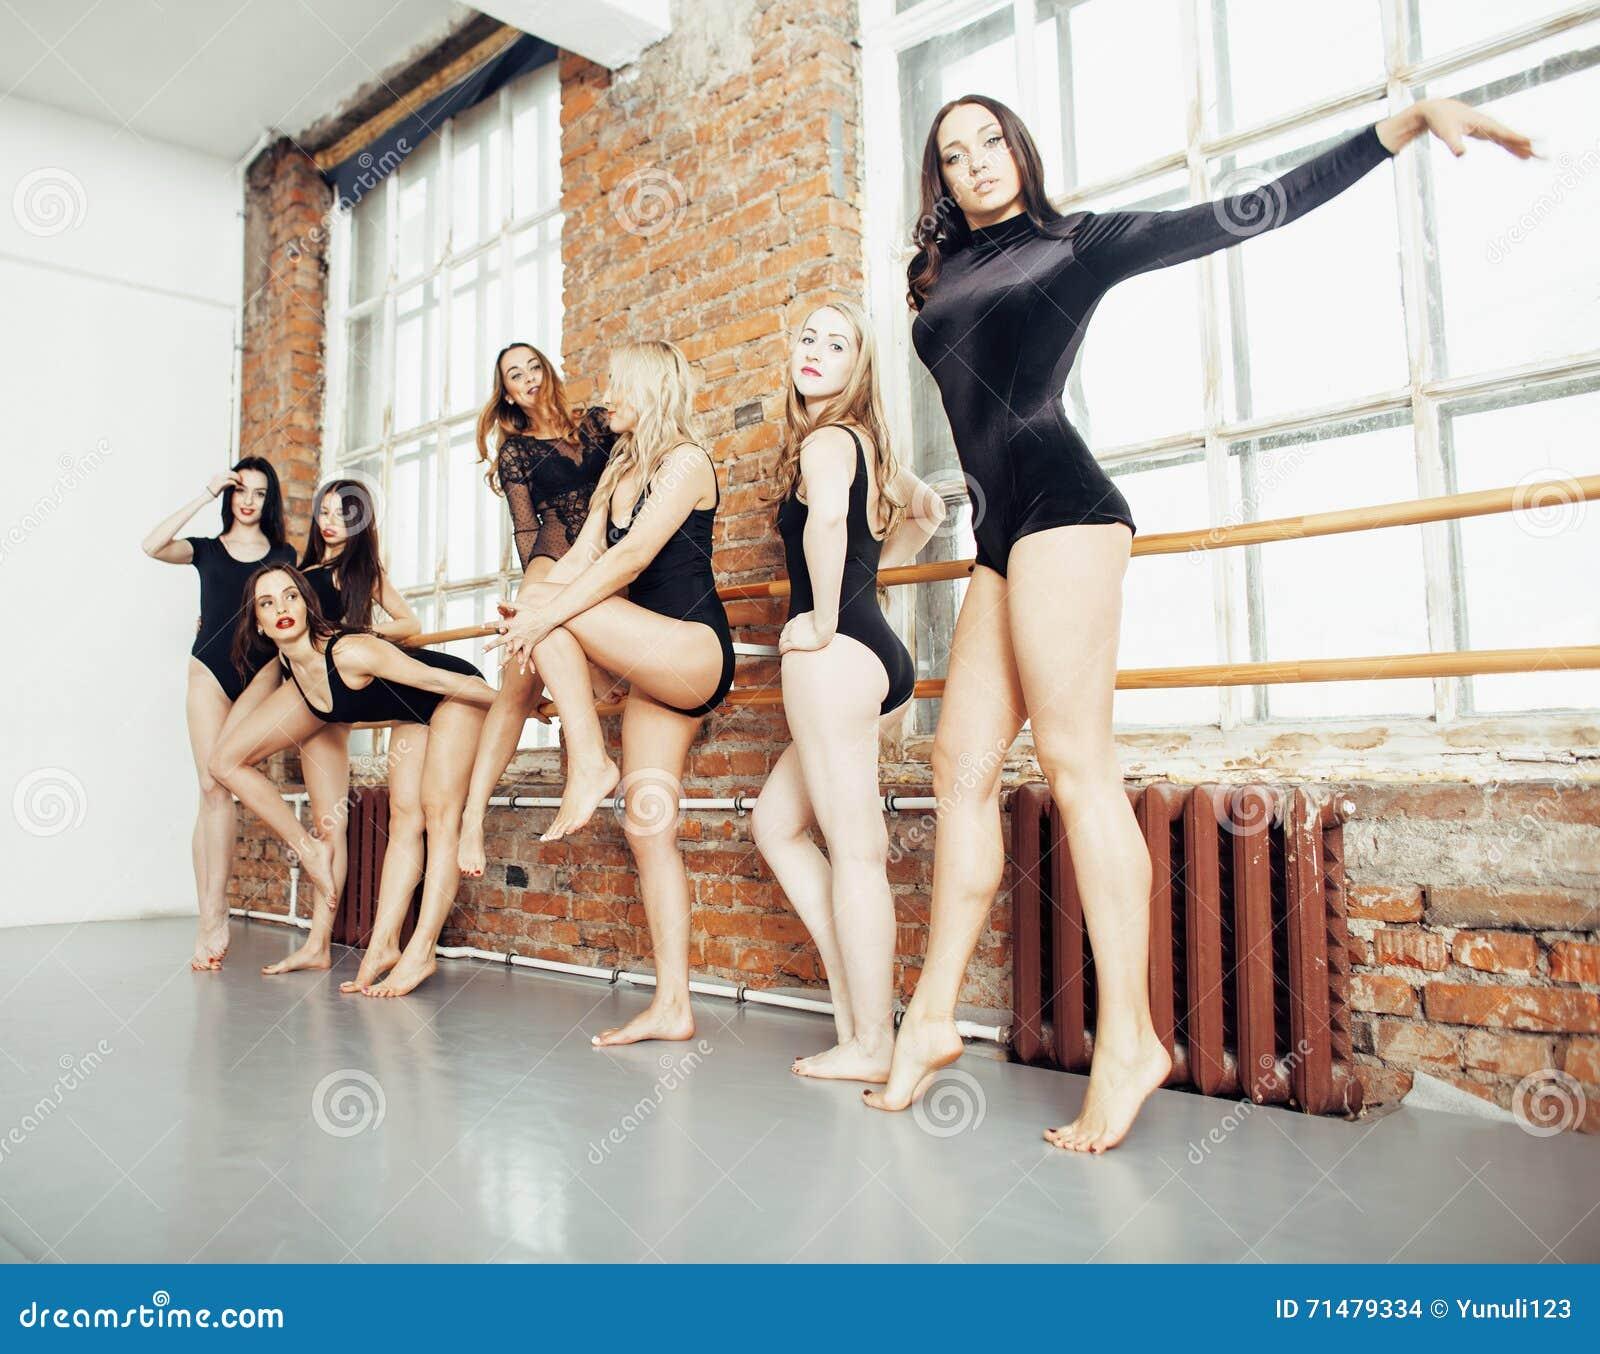 Девушки много сексуальных фото — pic 1